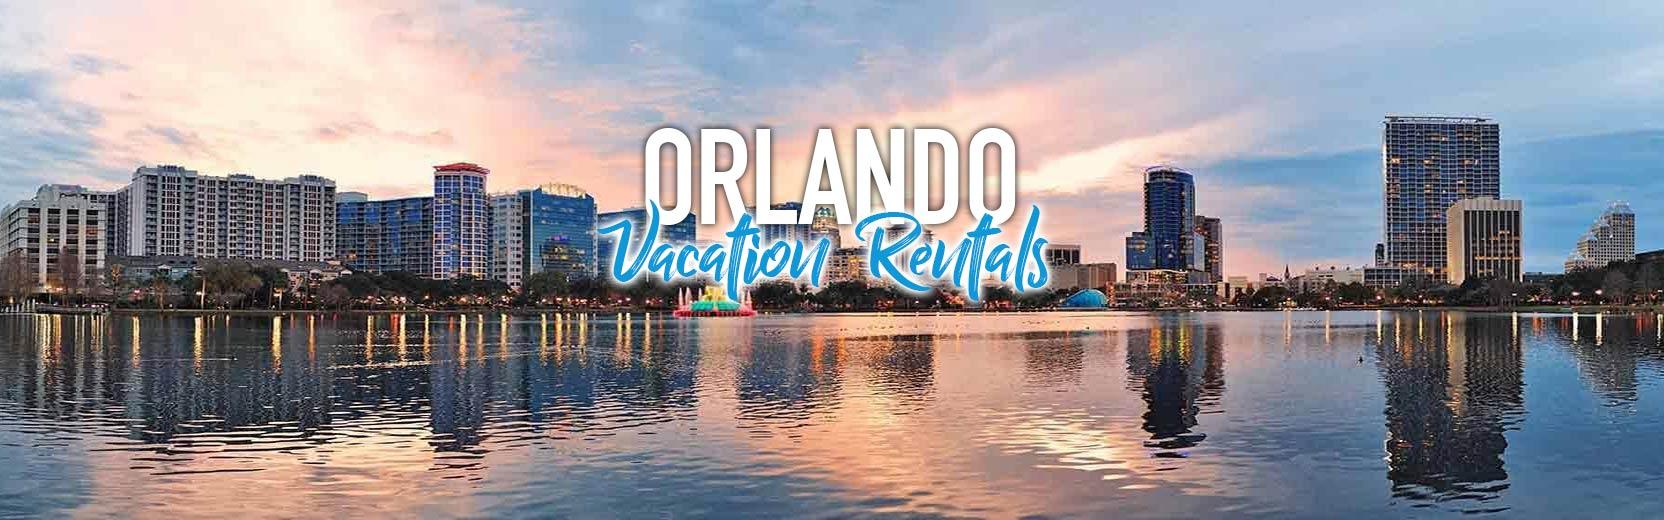 Orlando Vacation Rentals   Orlando Condo Rentals